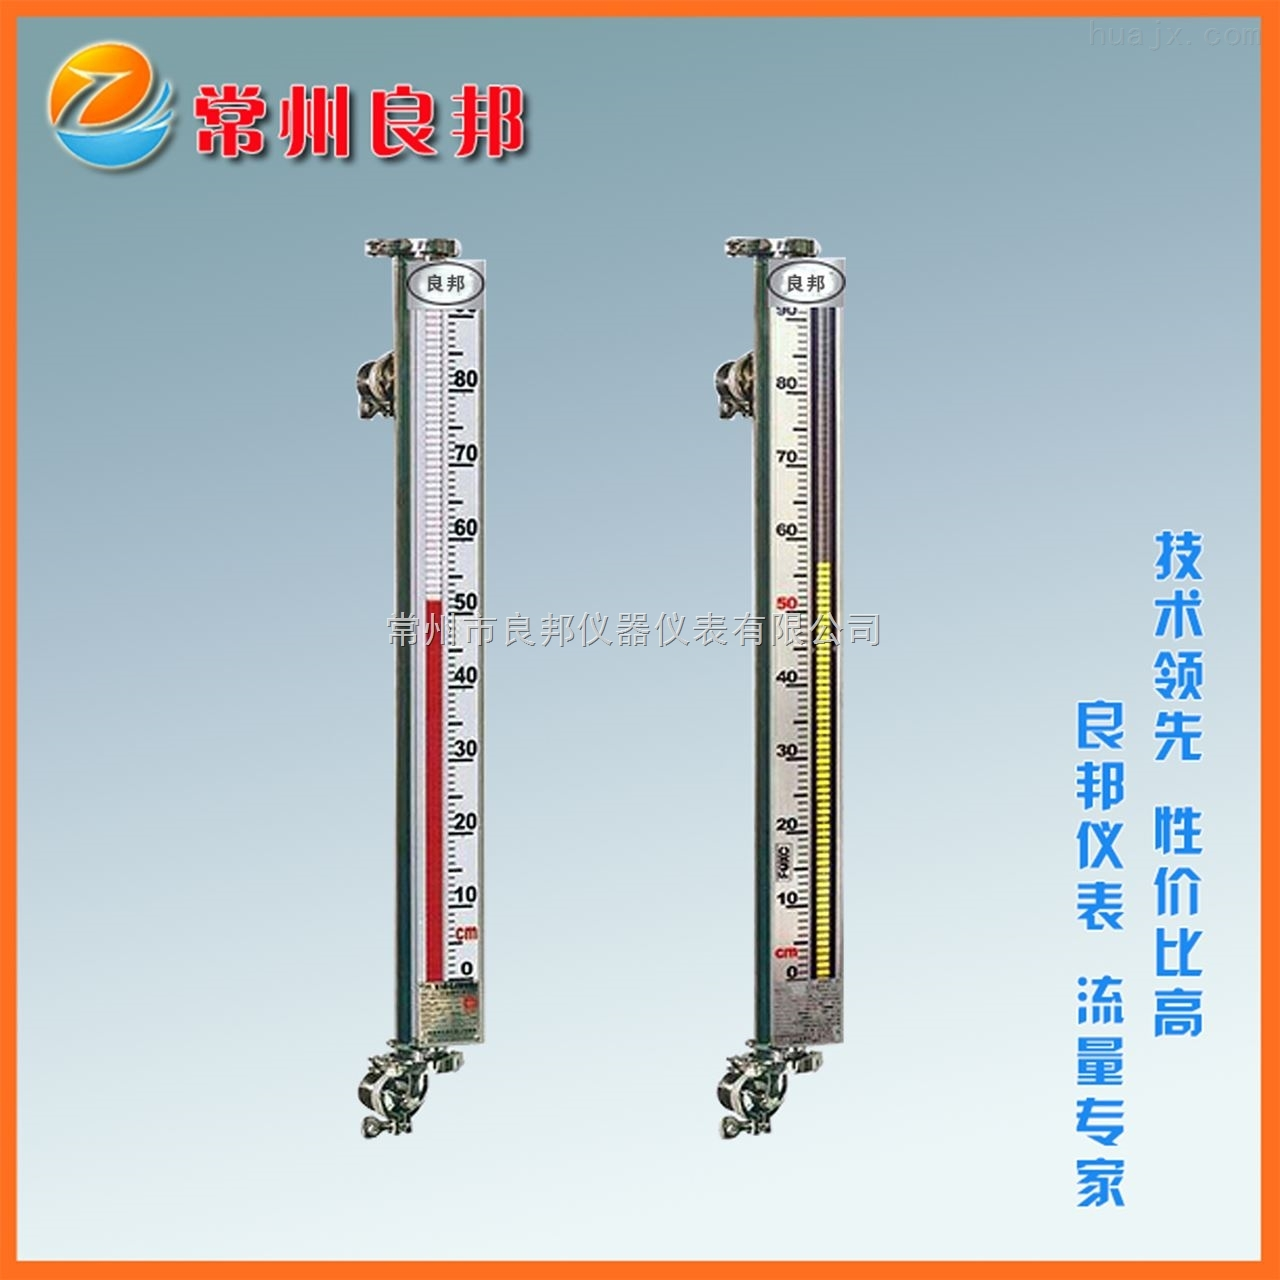 磁翻板液位计厂家供货  长度定制价格实惠